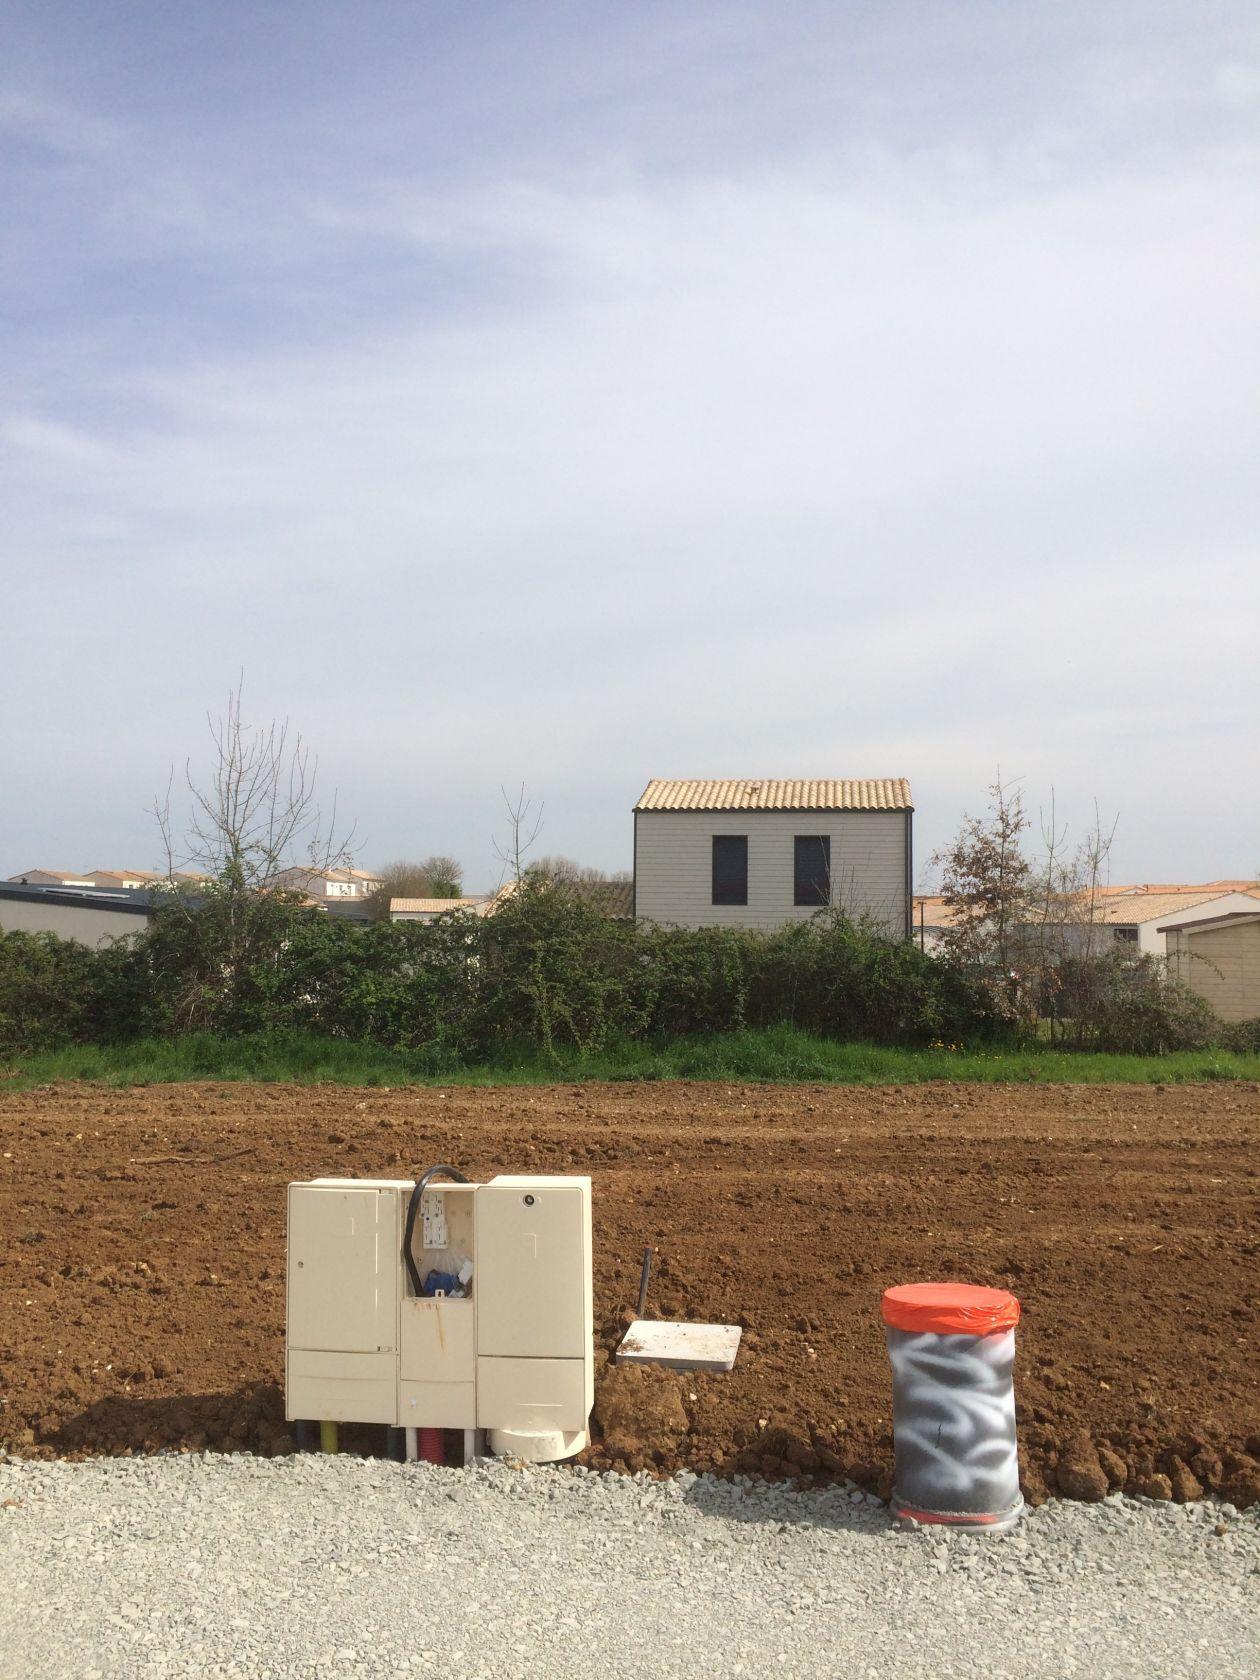 Terrains du constructeur DELRIEU CONSTRUCTION • 312 m² • CHAURAY